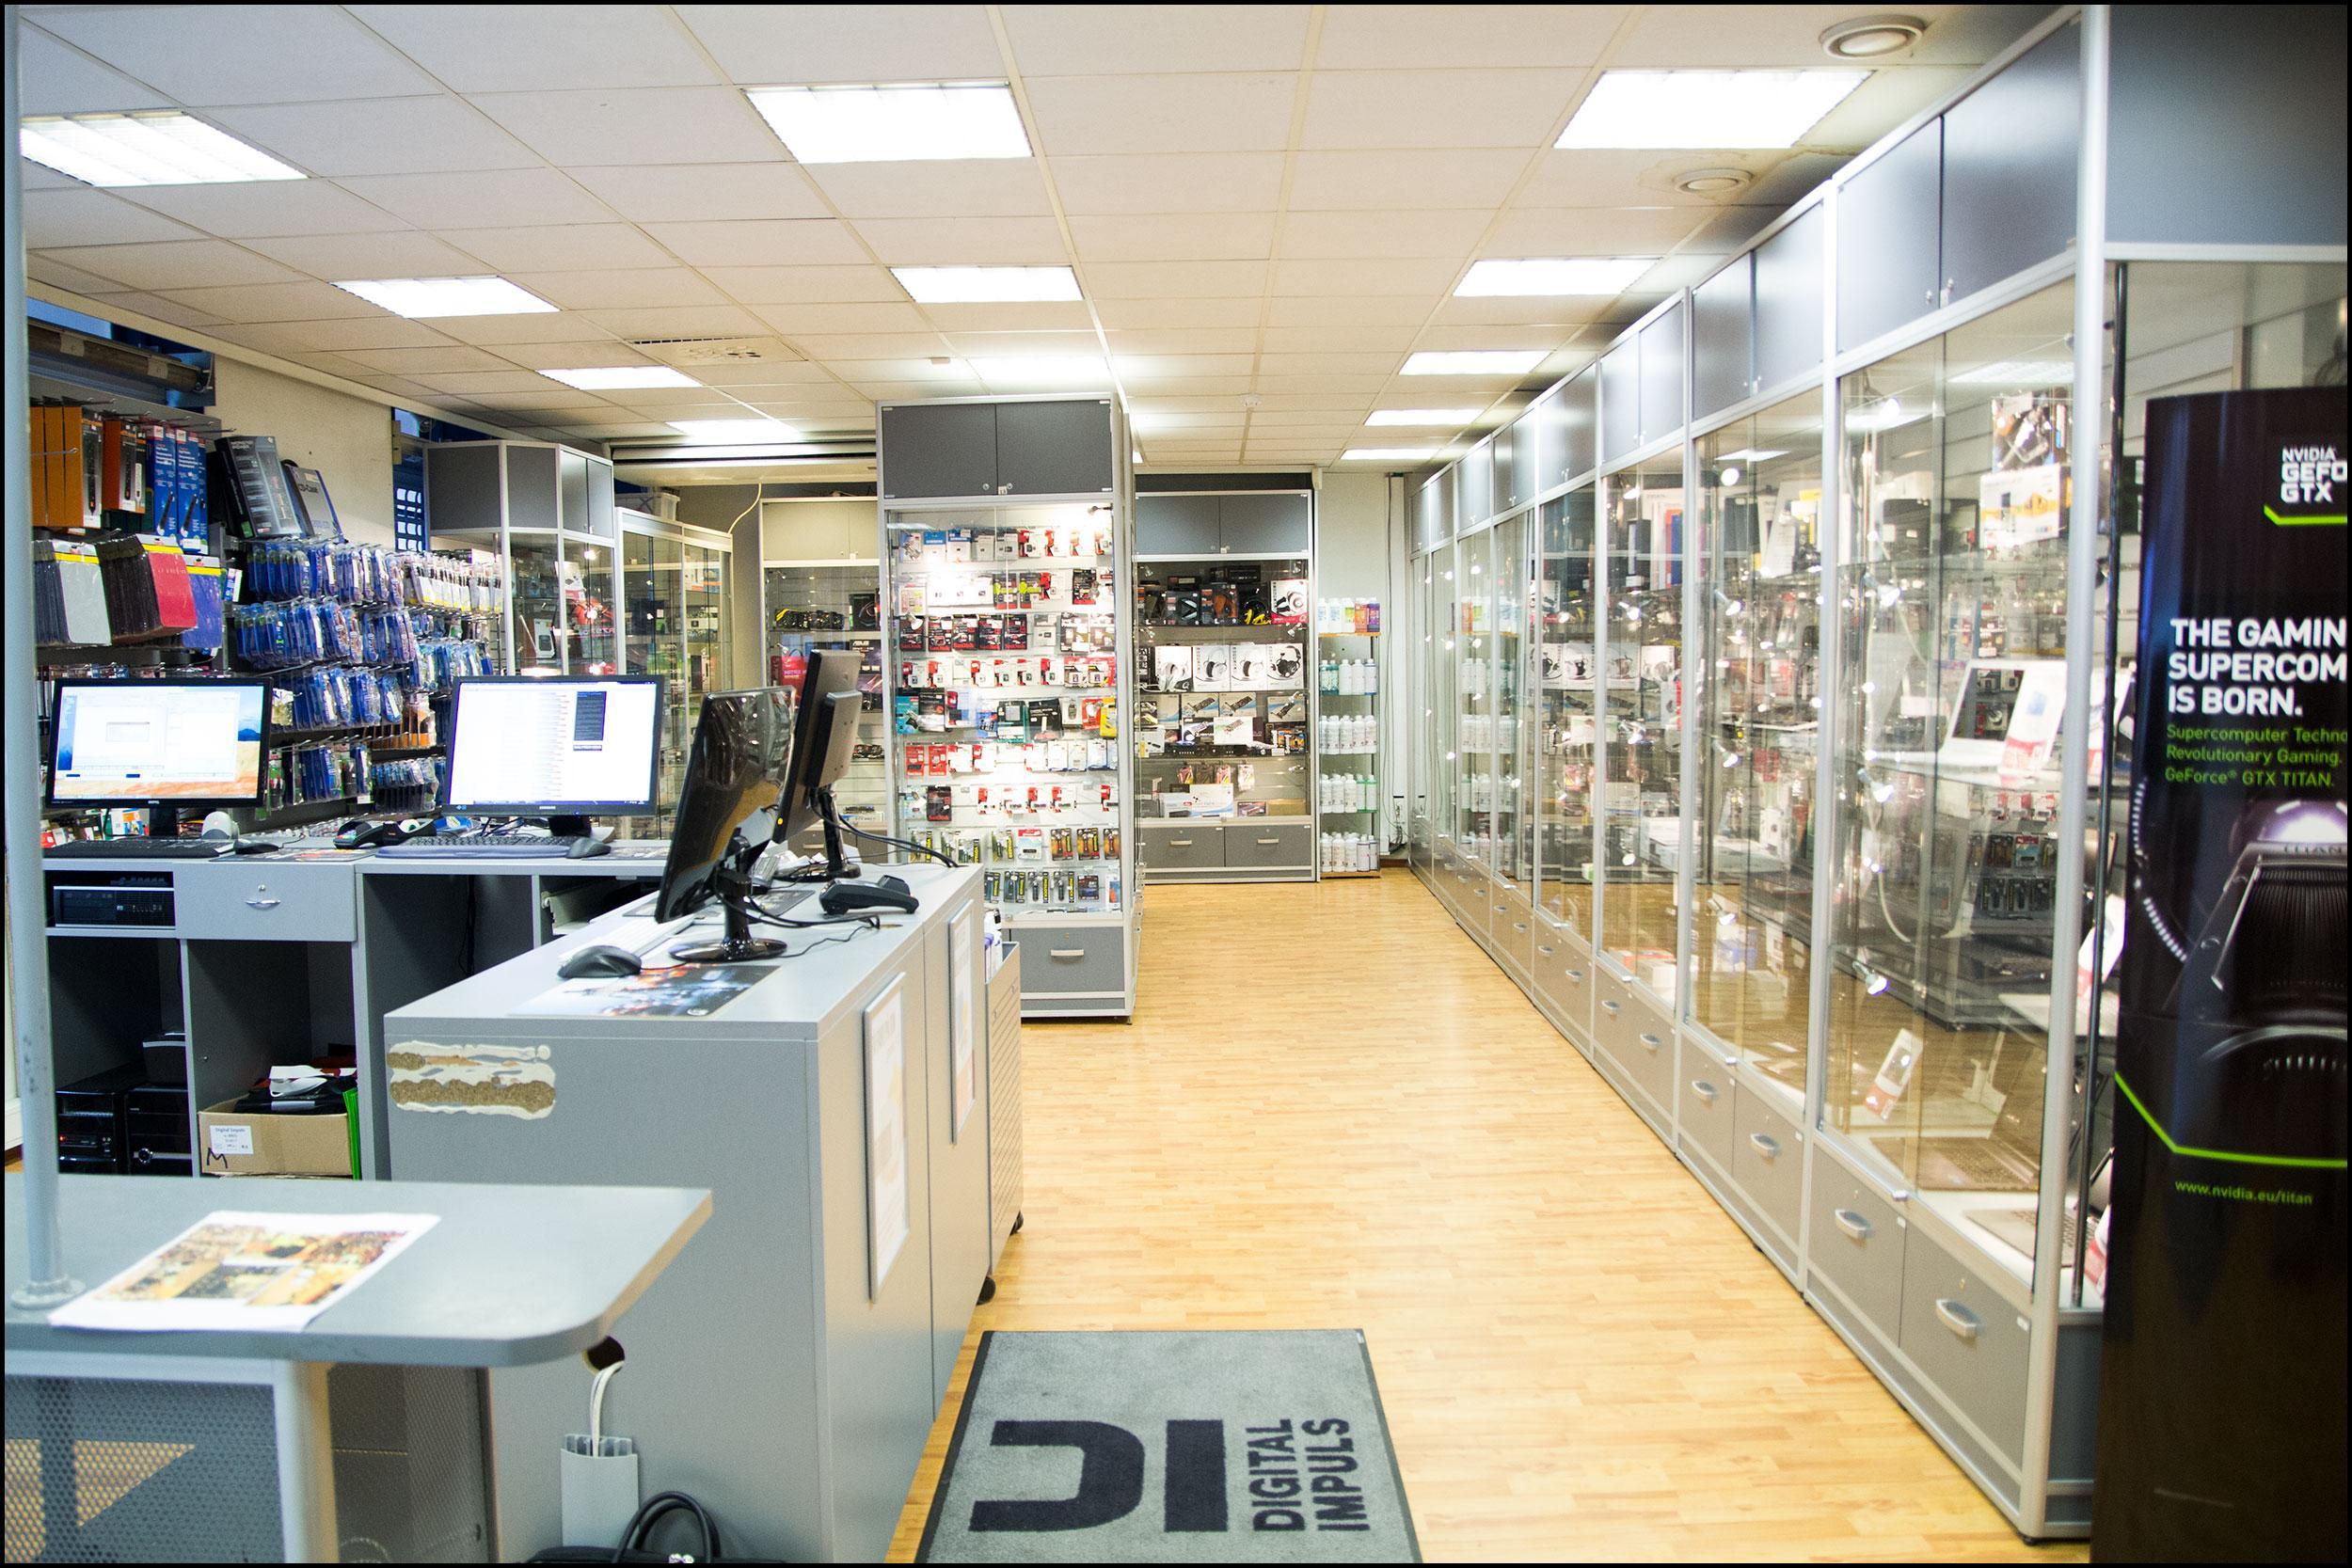 Digital Impuls er en av de få gjenværende vanlige butikkene du kan kjøpe alskens nerdekomponenter i, men de tilbyr også iPhone-reparasjoner. Foreløpig er de imidlertid ikke et autorisert verksted, slik Eplehuset og Conmodo blir.